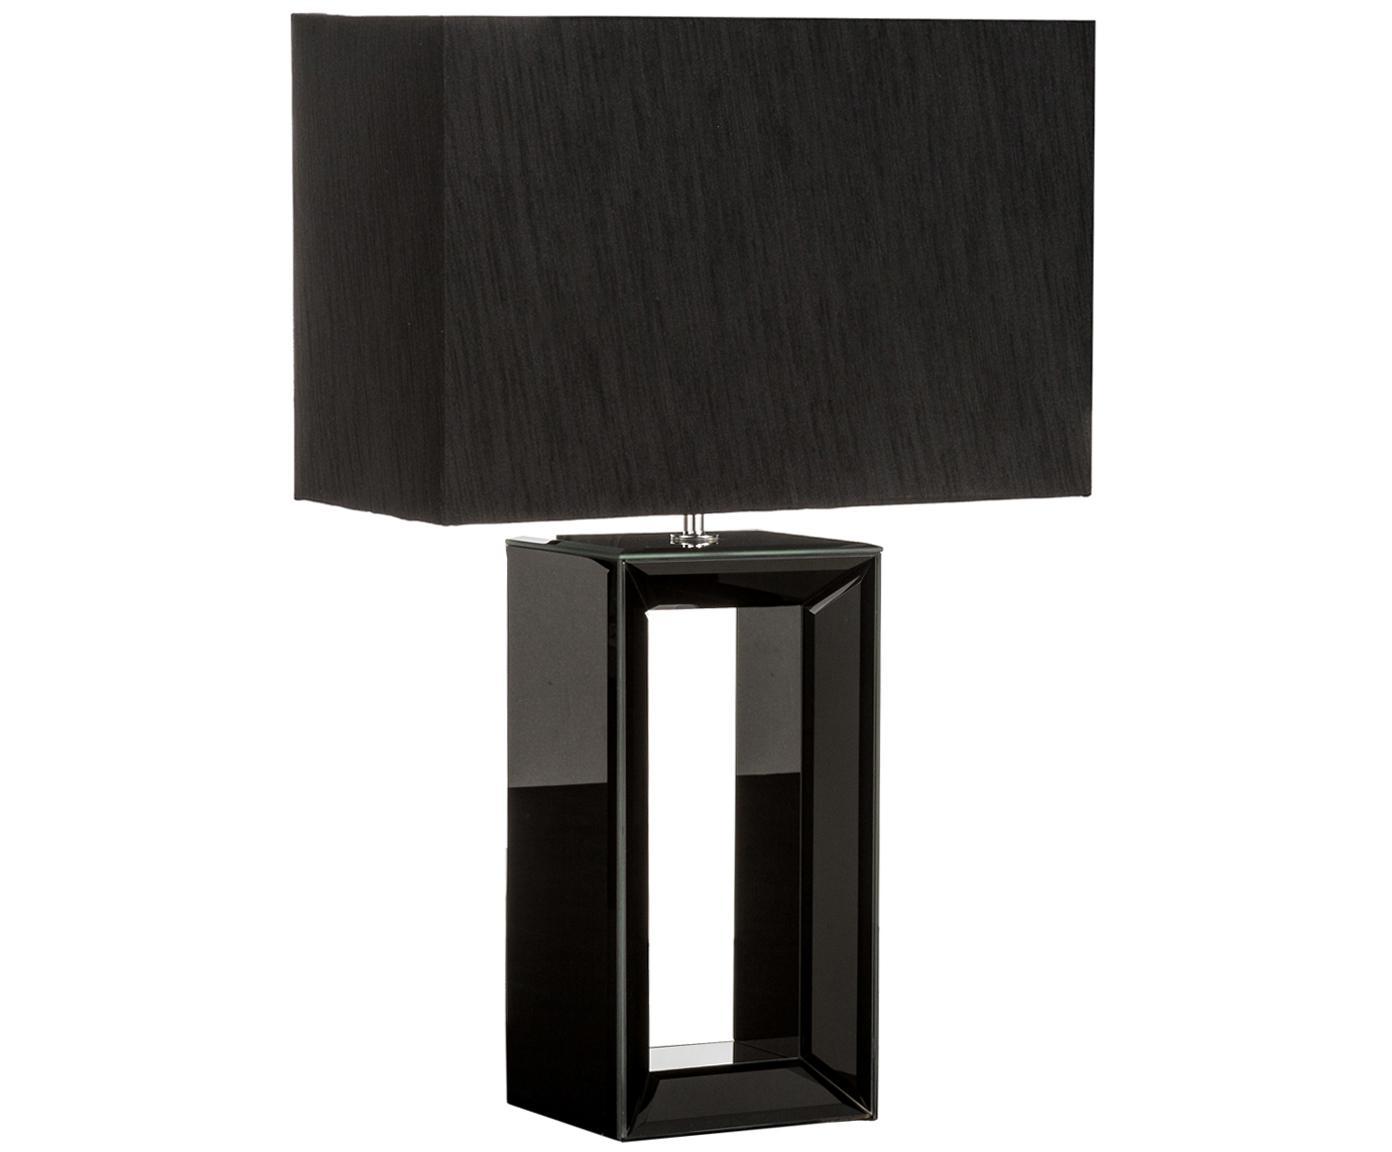 Große Tischleuchte Serafina aus lackiertem Spiegelglas, Lampenfuß: Spiegelglas, Lampenschirm: Textil, Lampenfuß: Schwarz, verspiegelt<br>Lampenschirm: Schwarz, 38 x 58 cm